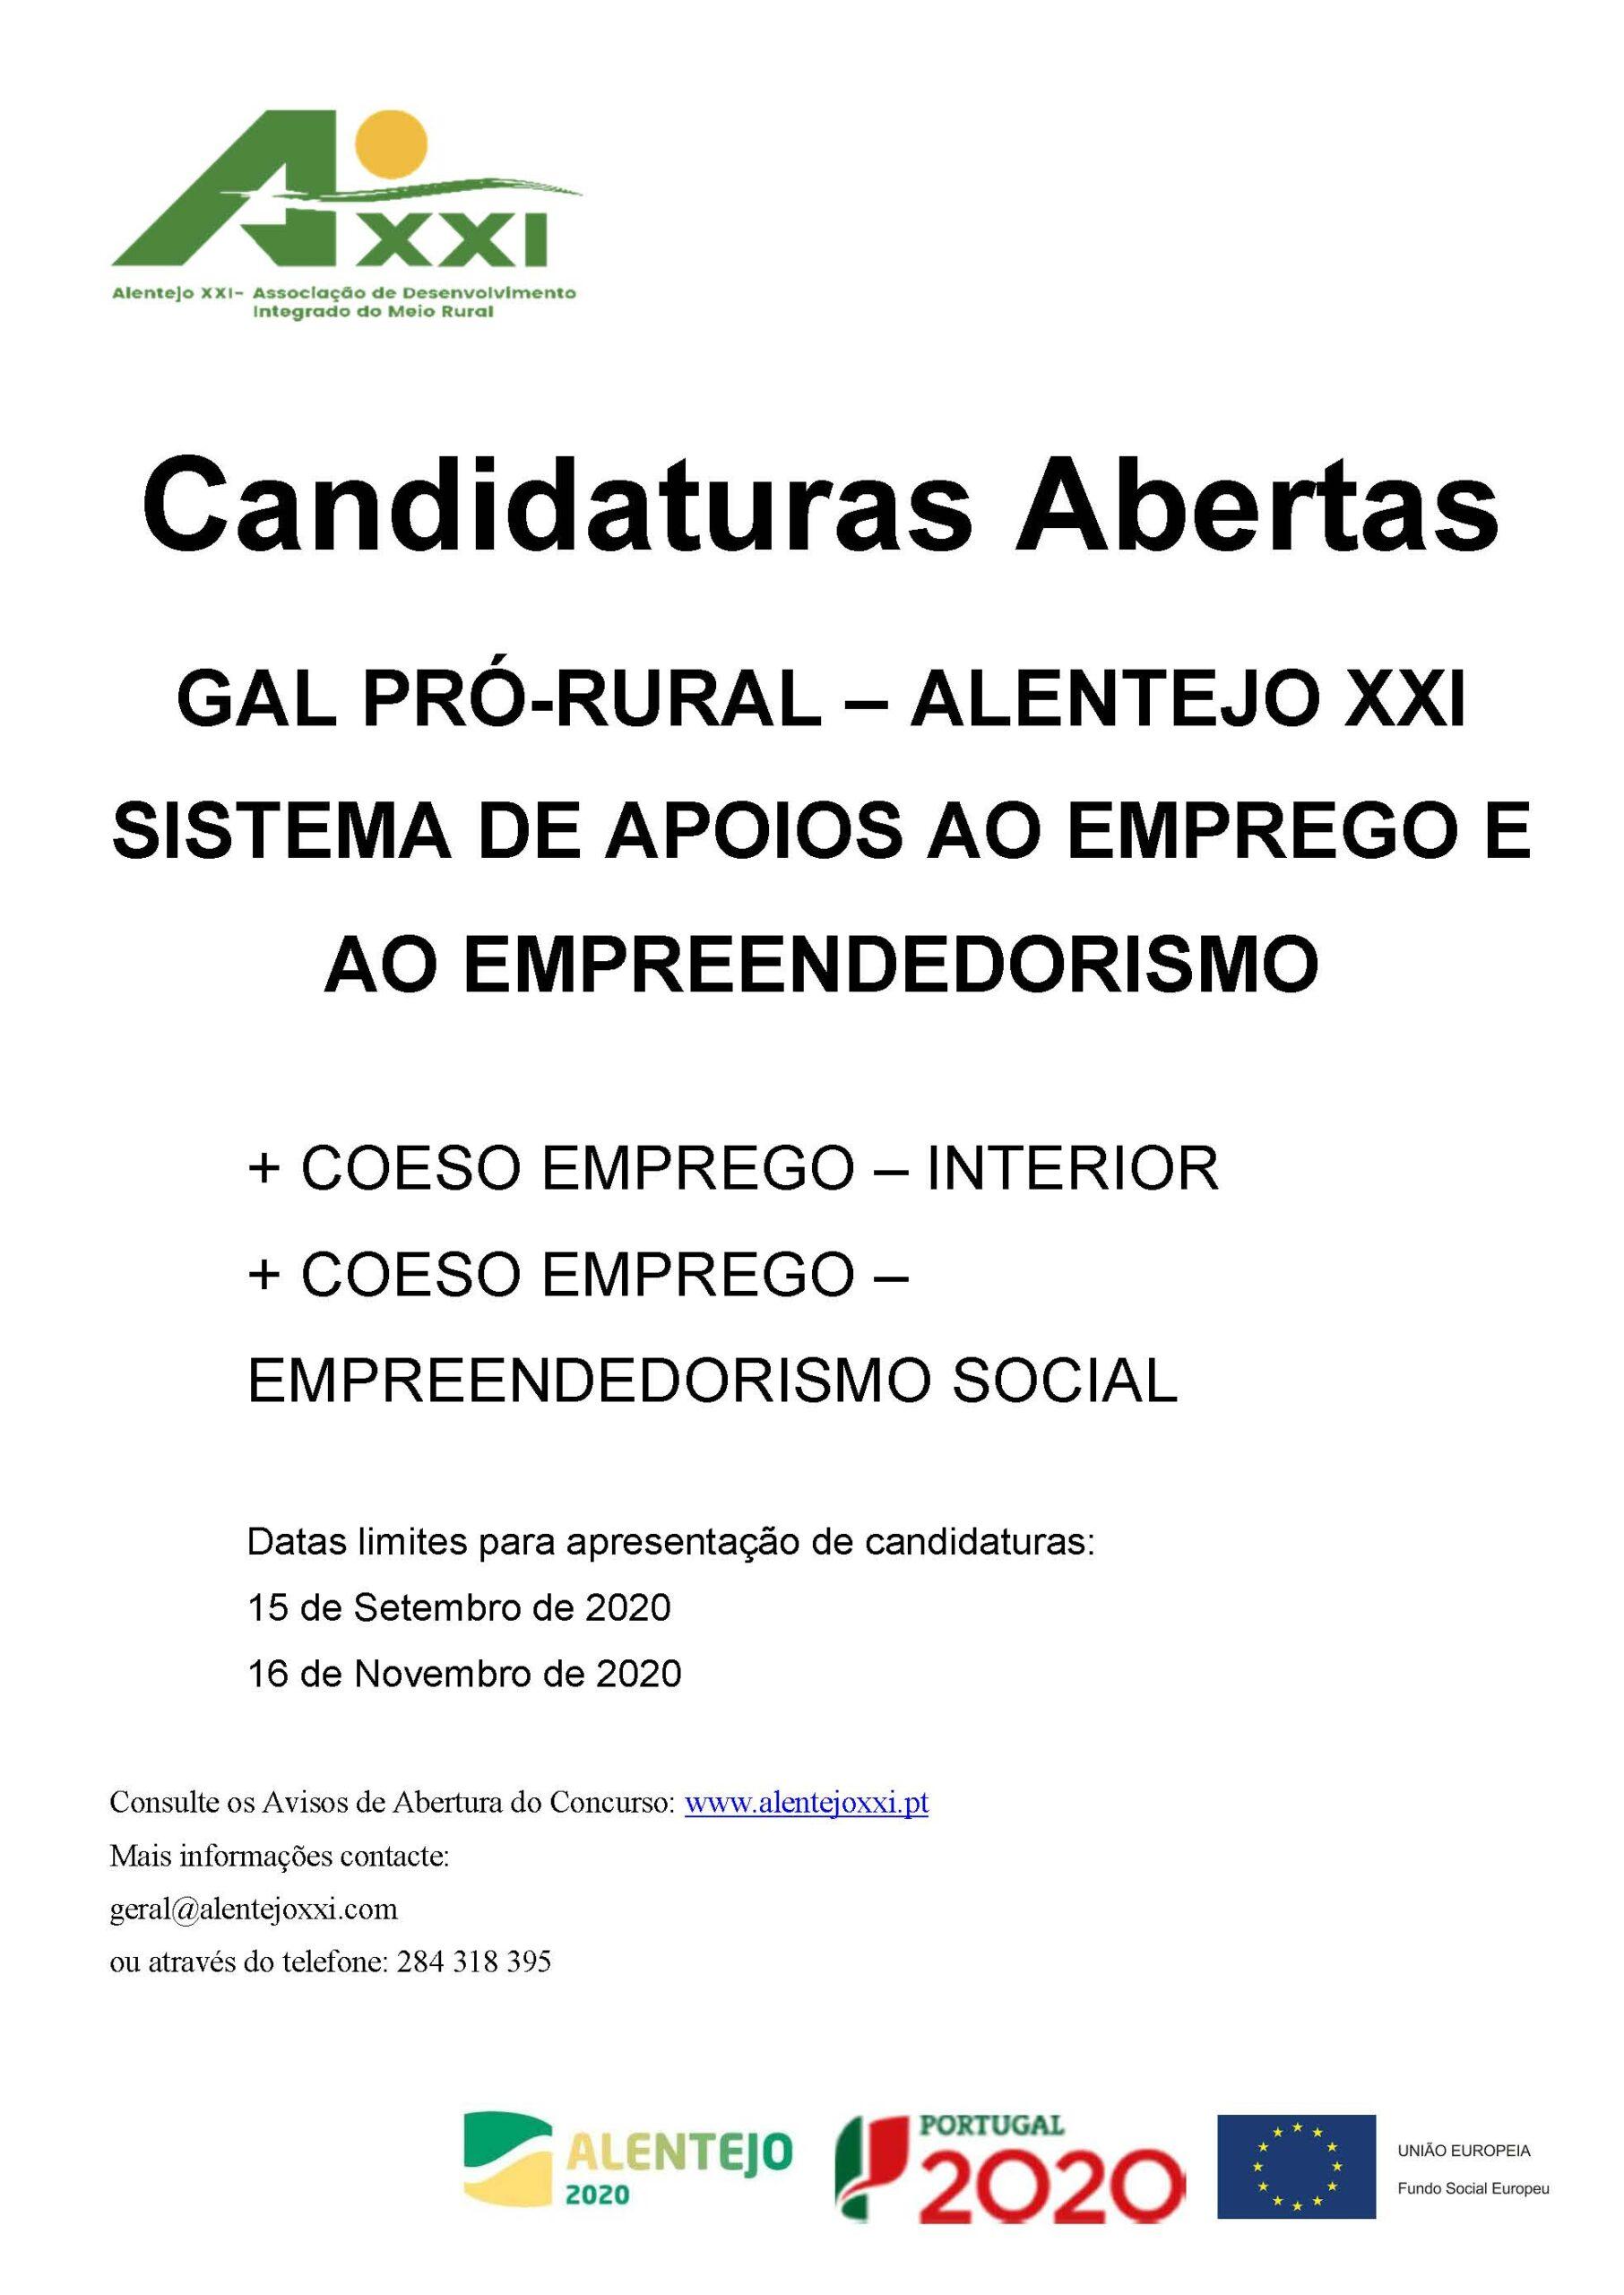 Candidaturas Abertas GAL PRÓ-RURAL – ALENTEJO XXI SISTEMA DE APOIOS AO EMPREGO E AO EMPREENDEDORISMO